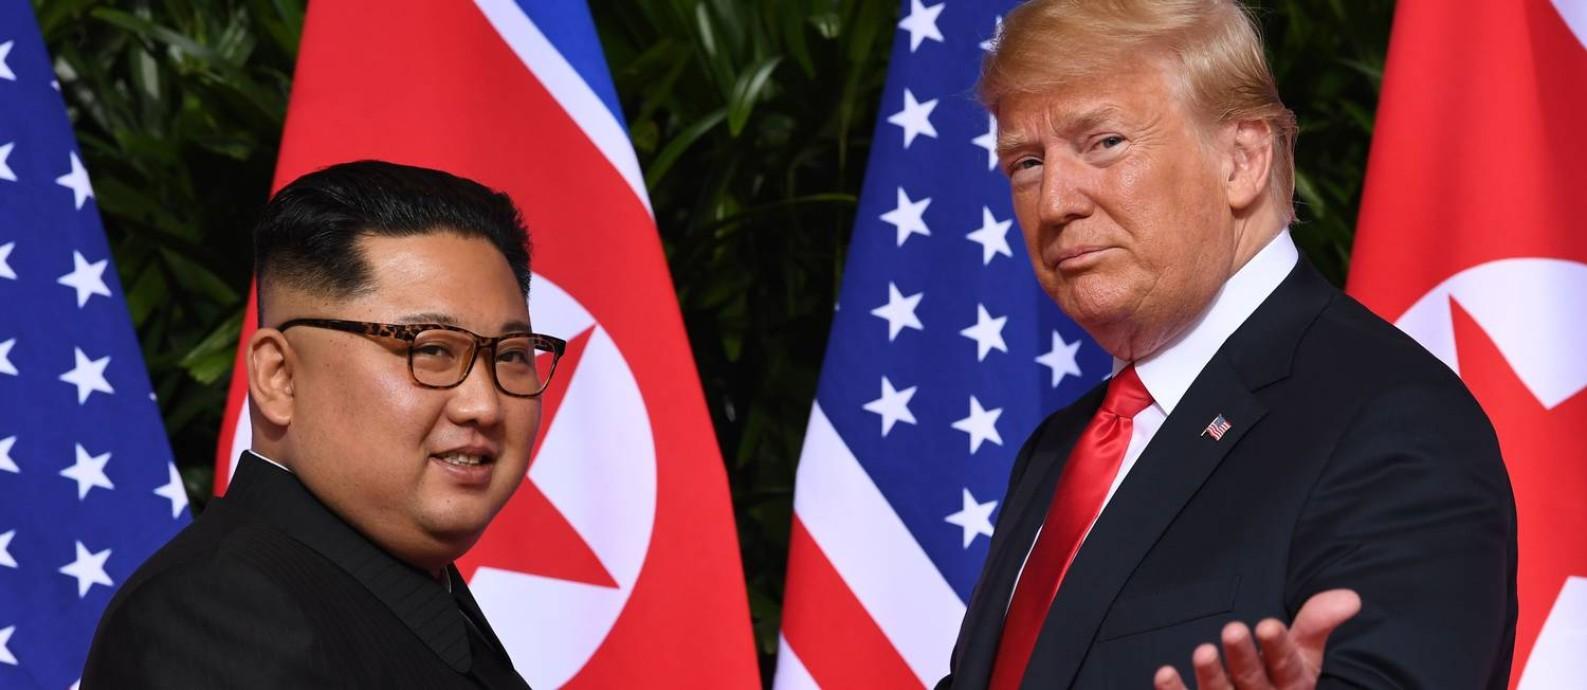 Líder norte-coreano, Kim Jong-un, e presidente dos EUA, Donald Trump, se cumprimentam no seu primeiro encontro frente a frente, realizado em 12 de junho de 2018 e Cingapura Foto: SAUL LOEB / AFP